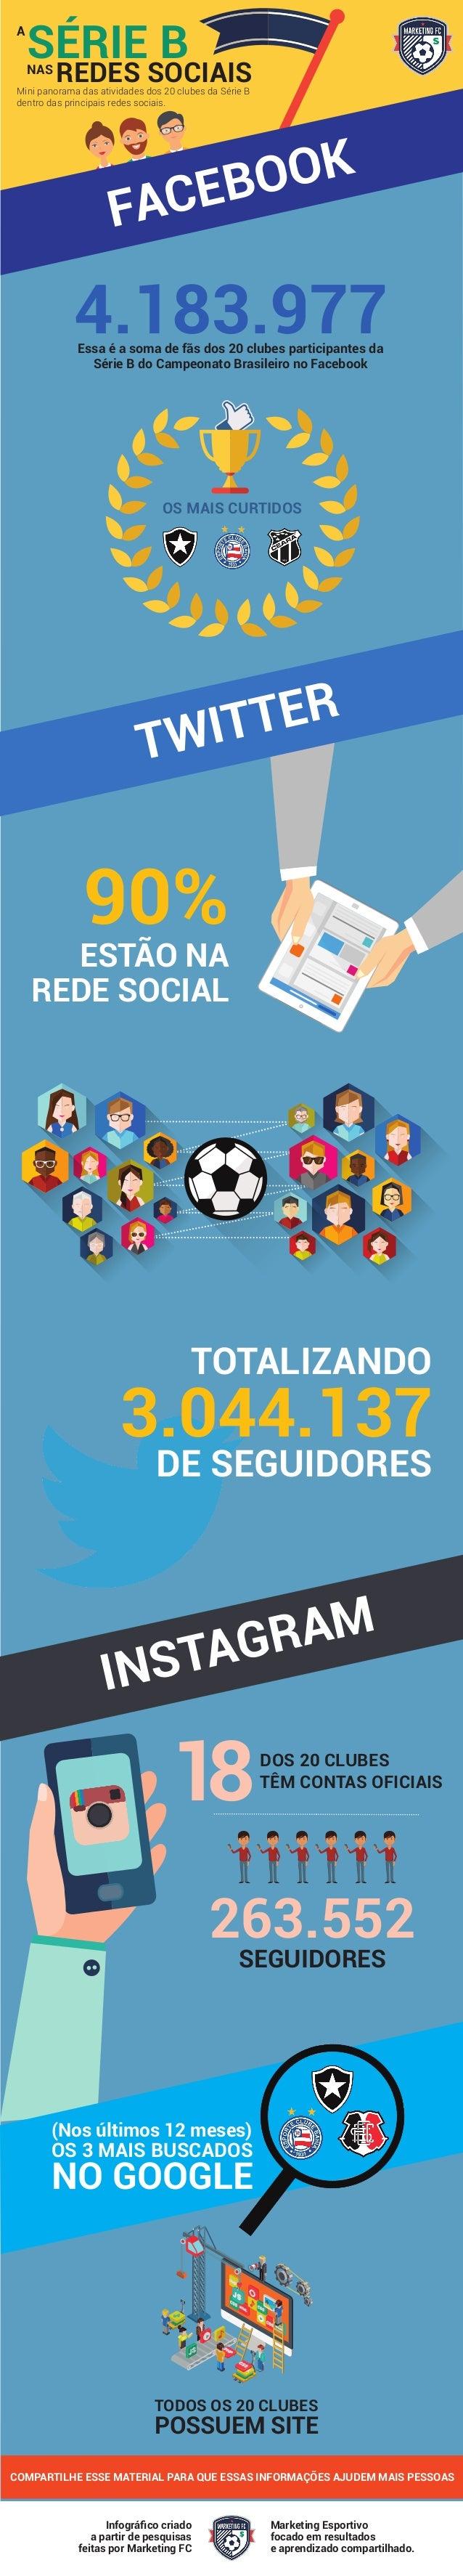 SÉRIE BNAS TODOS OS 20 CLUBES POSSUEM SITE 4.183.977 SEGUIDORES 263.552 18 Essa é a soma de fãs dos 20 clubes participante...